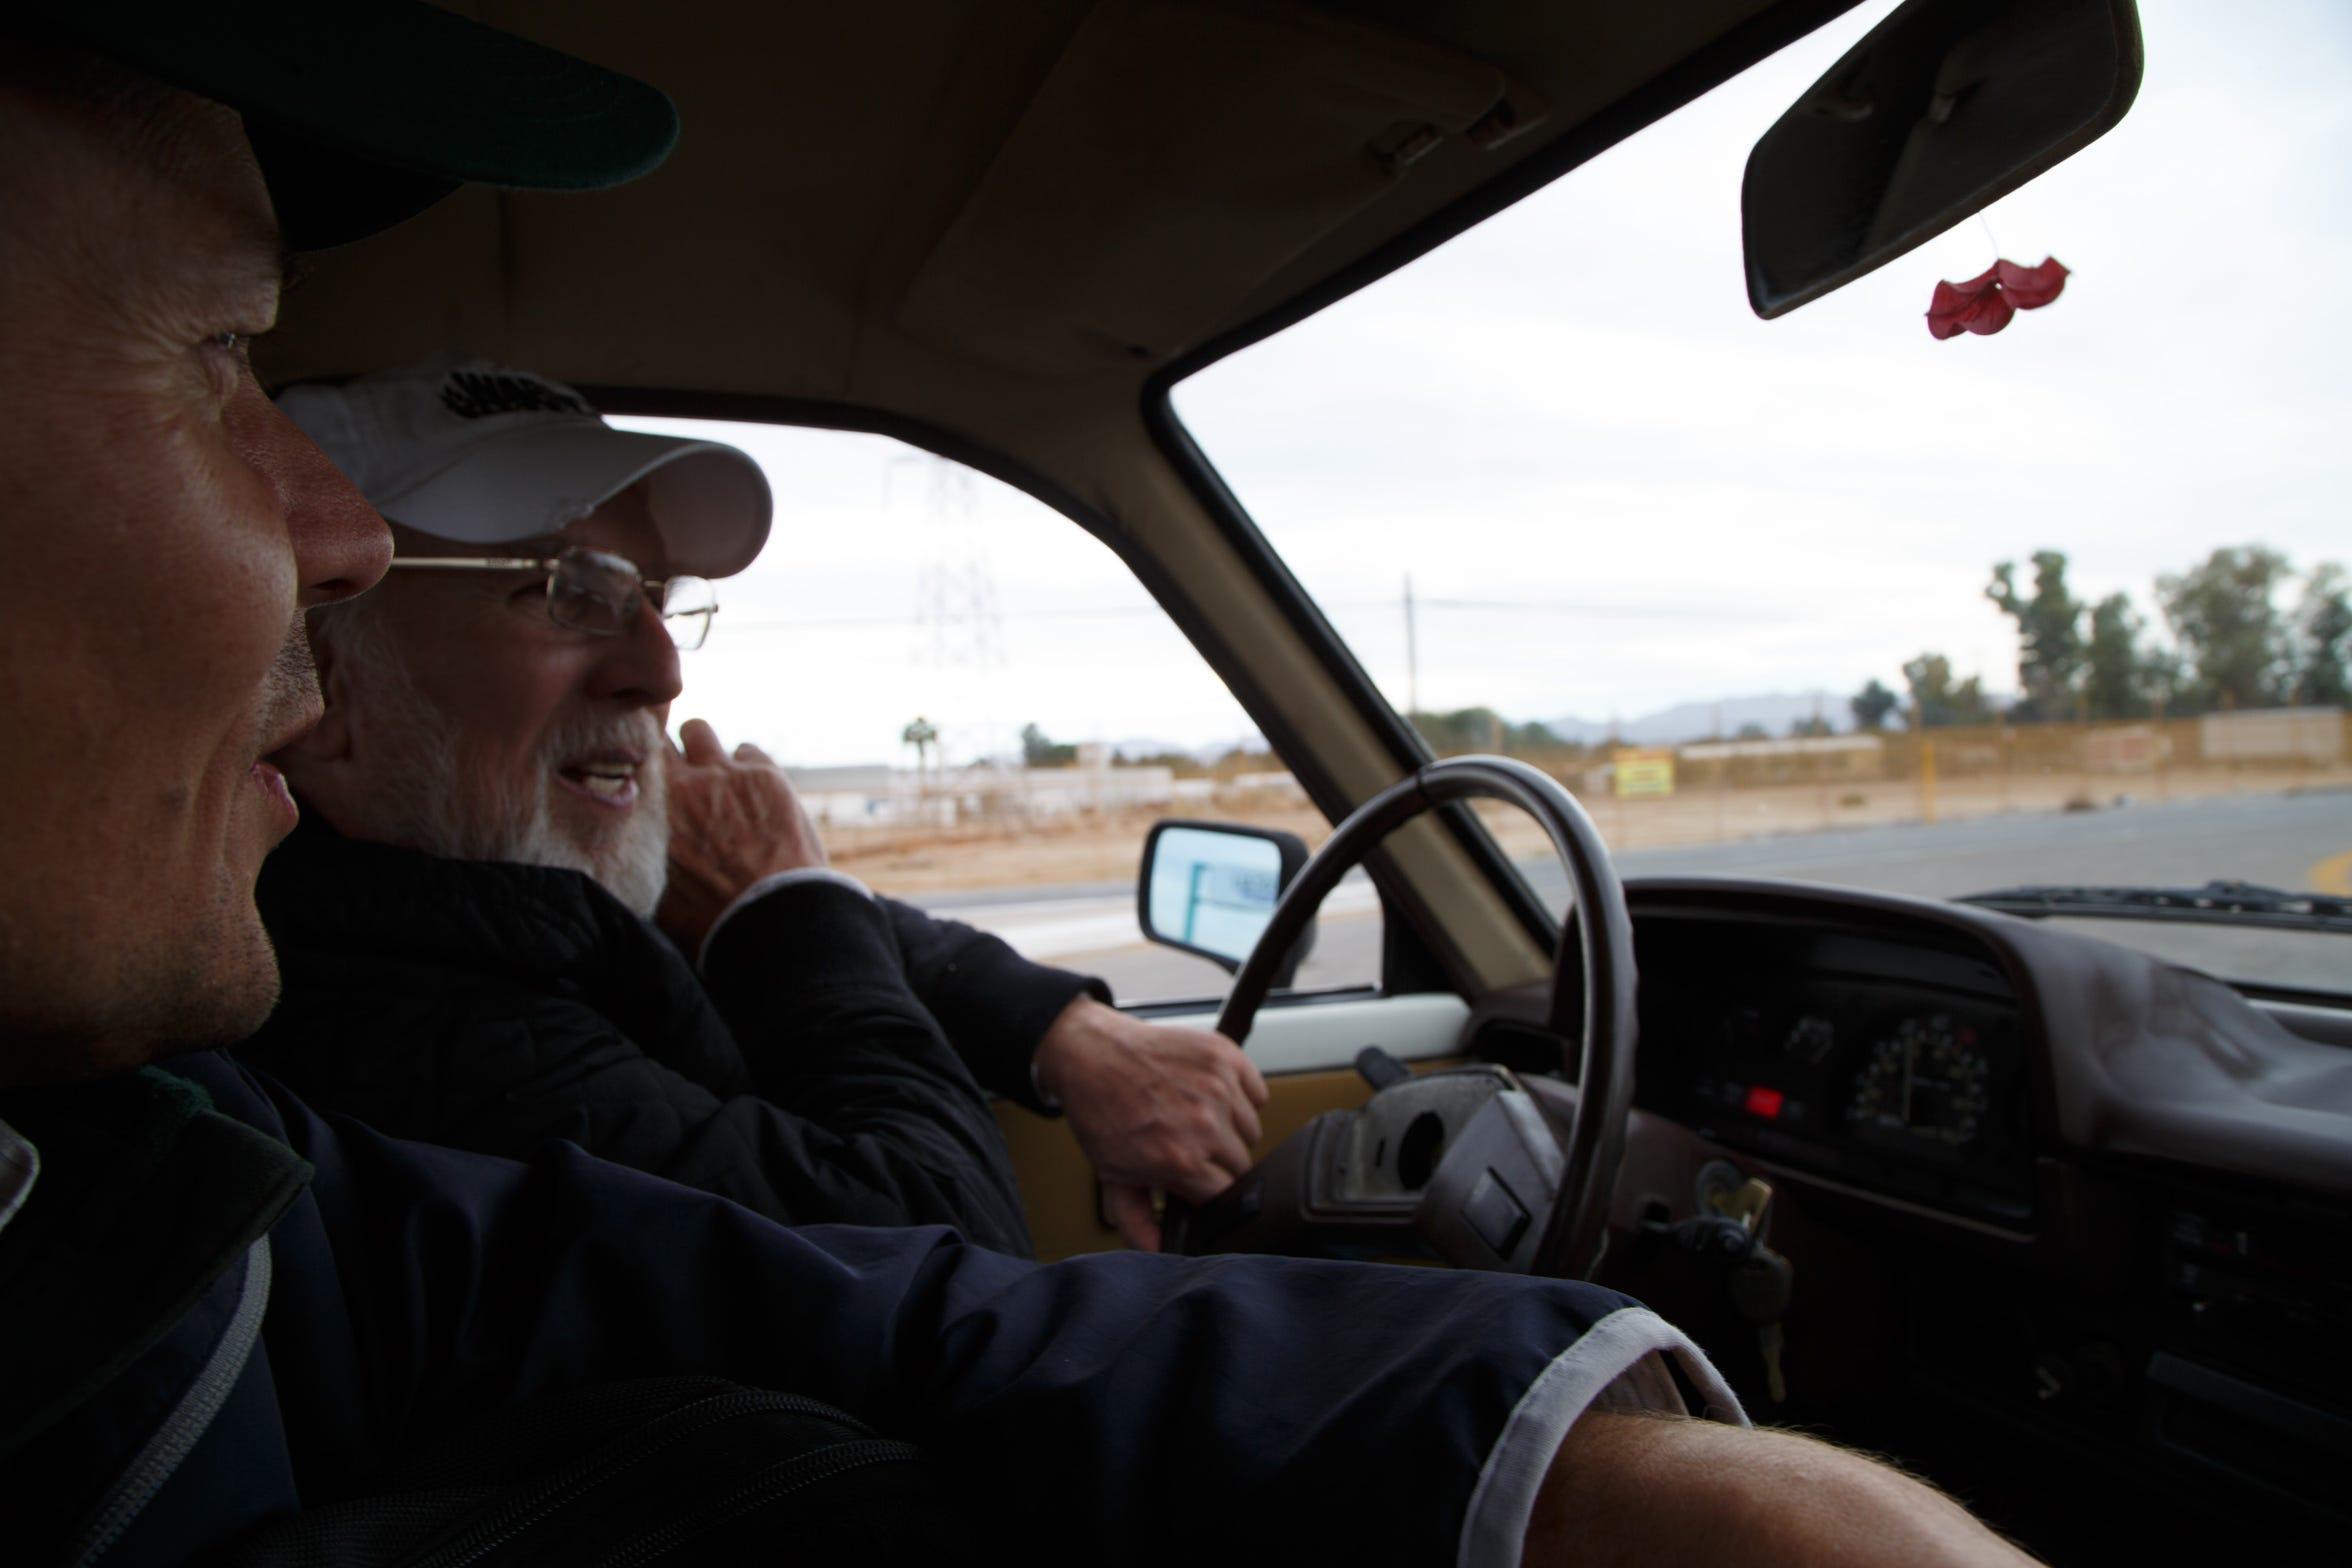 Ian James, izquierda, recorre un área de Mexicali junto a Rays Askins, un activista ambiental.